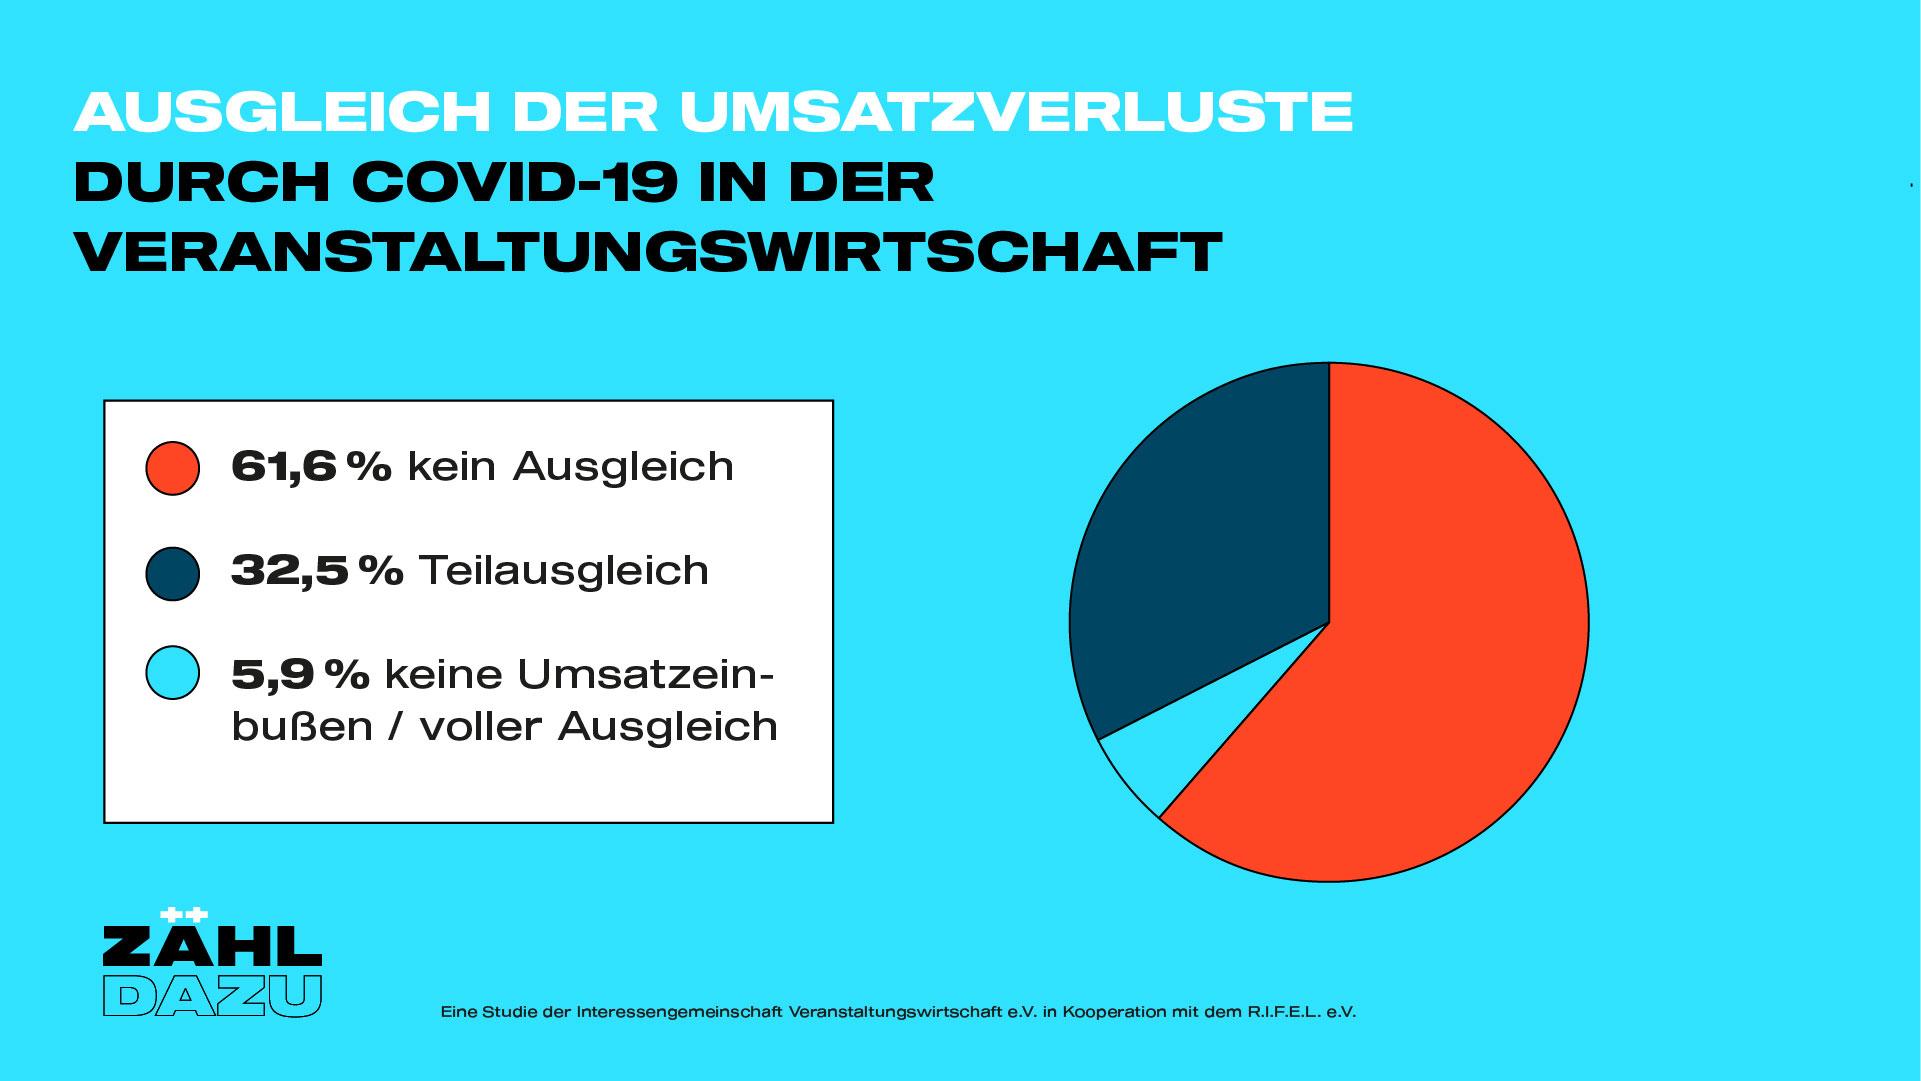 zaehl-dazu_Ausgleich_Umsatzverluste